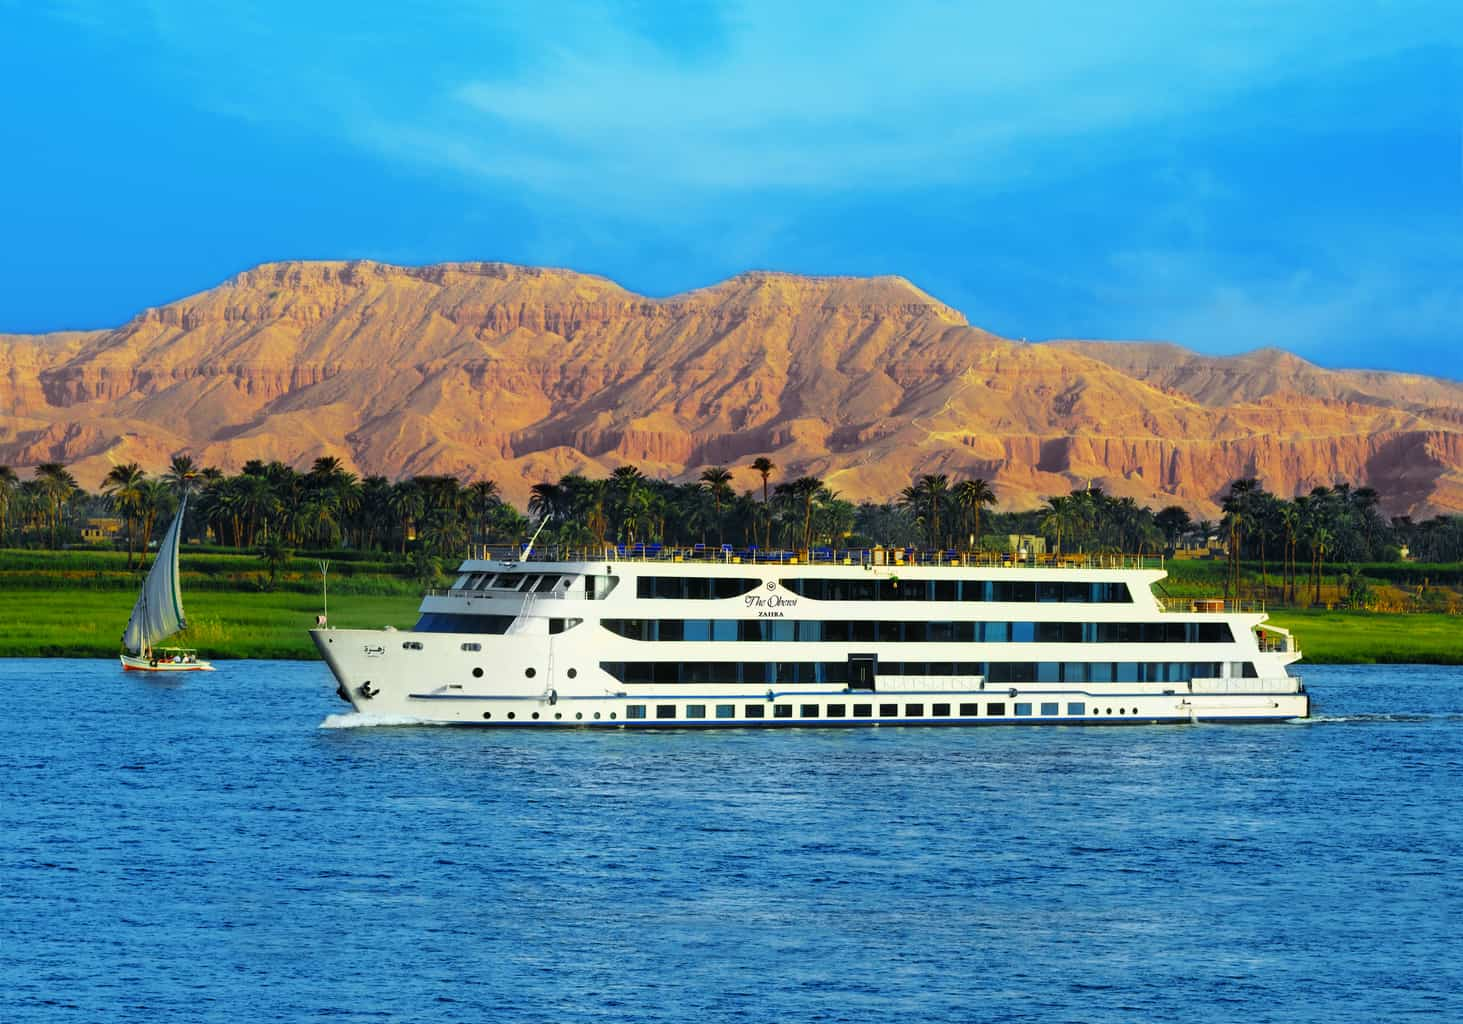 O-Oberoi-Zahra-garante-sofisticação-e-estilo-durante-a-navegação-entre-Luxor-e-Aswan.